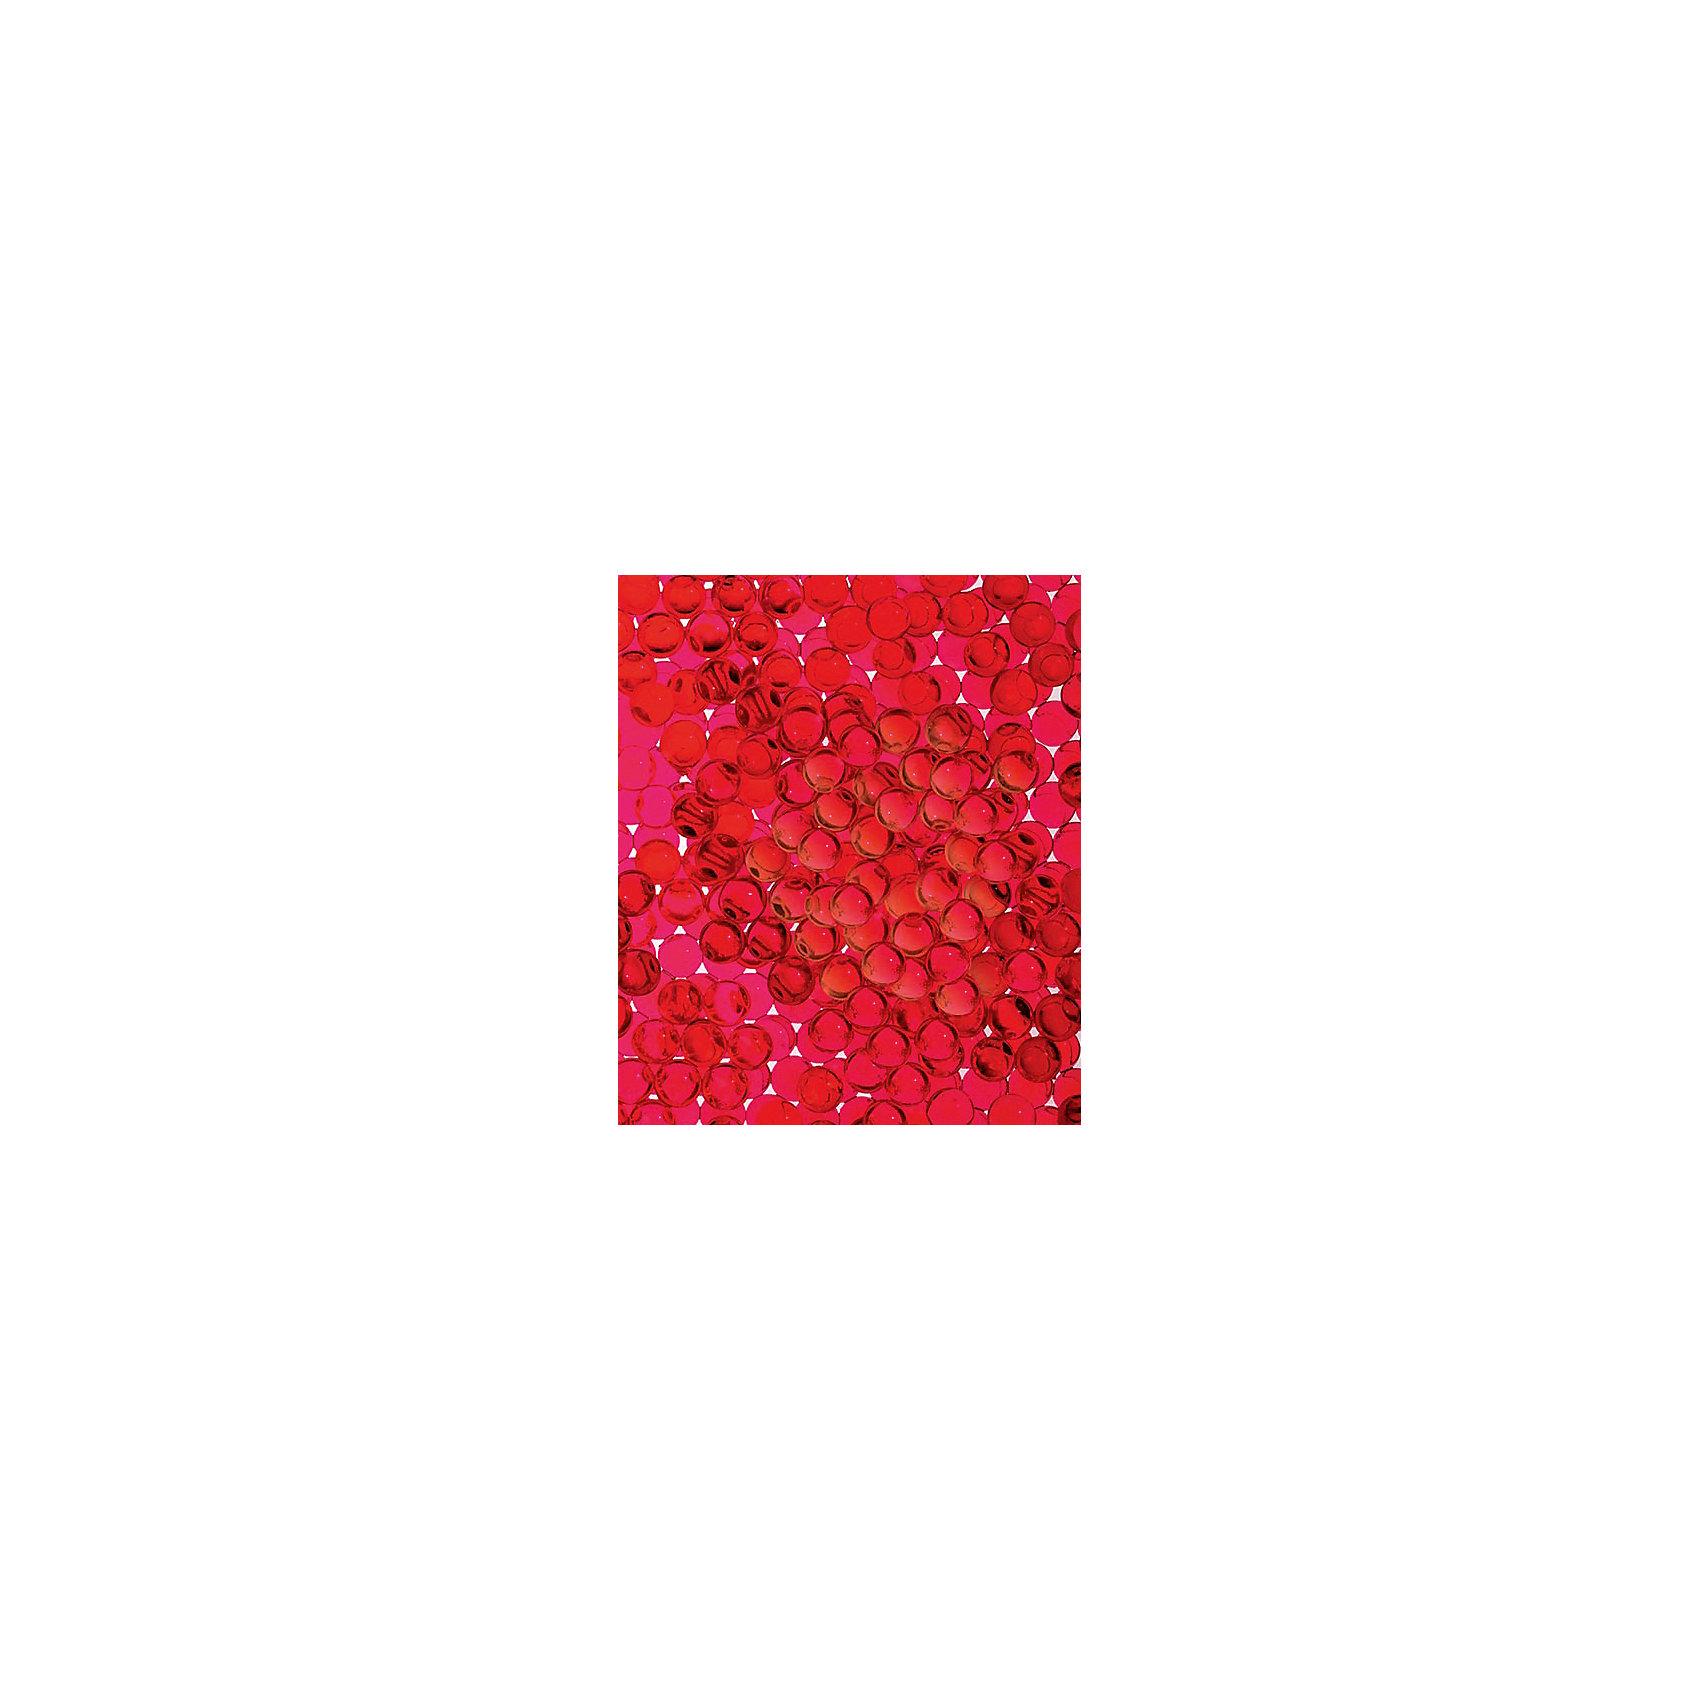 Готовые заряды красного цвета для бластеров, 500 шт., VAPORГотовые заряды красного цвета  для бластеров VAPOR  - это небольшие гелевые шарики, состоящие из воды и полимера. При попадании  в какую-либо поверхность заряды отскакивают от нее или же рассыпаются на частички, не повреждая и не пачкая ее.<br><br>Дополнительная информация:<br><br>- Материал: полимер, вода. <br>- Цвет: красный.<br>- Количество в упаковке: 500 шт. <br>- Размер одного заряда: 1х1 см. <br><br>Готовые заряды красного цвета для бластеров, 500 шт., VAPOR можно купить в нашем магазине.<br><br>Ширина мм: 178<br>Глубина мм: 48<br>Высота мм: 96<br>Вес г: 450<br>Возраст от месяцев: 96<br>Возраст до месяцев: 168<br>Пол: Мужской<br>Возраст: Детский<br>SKU: 4046586